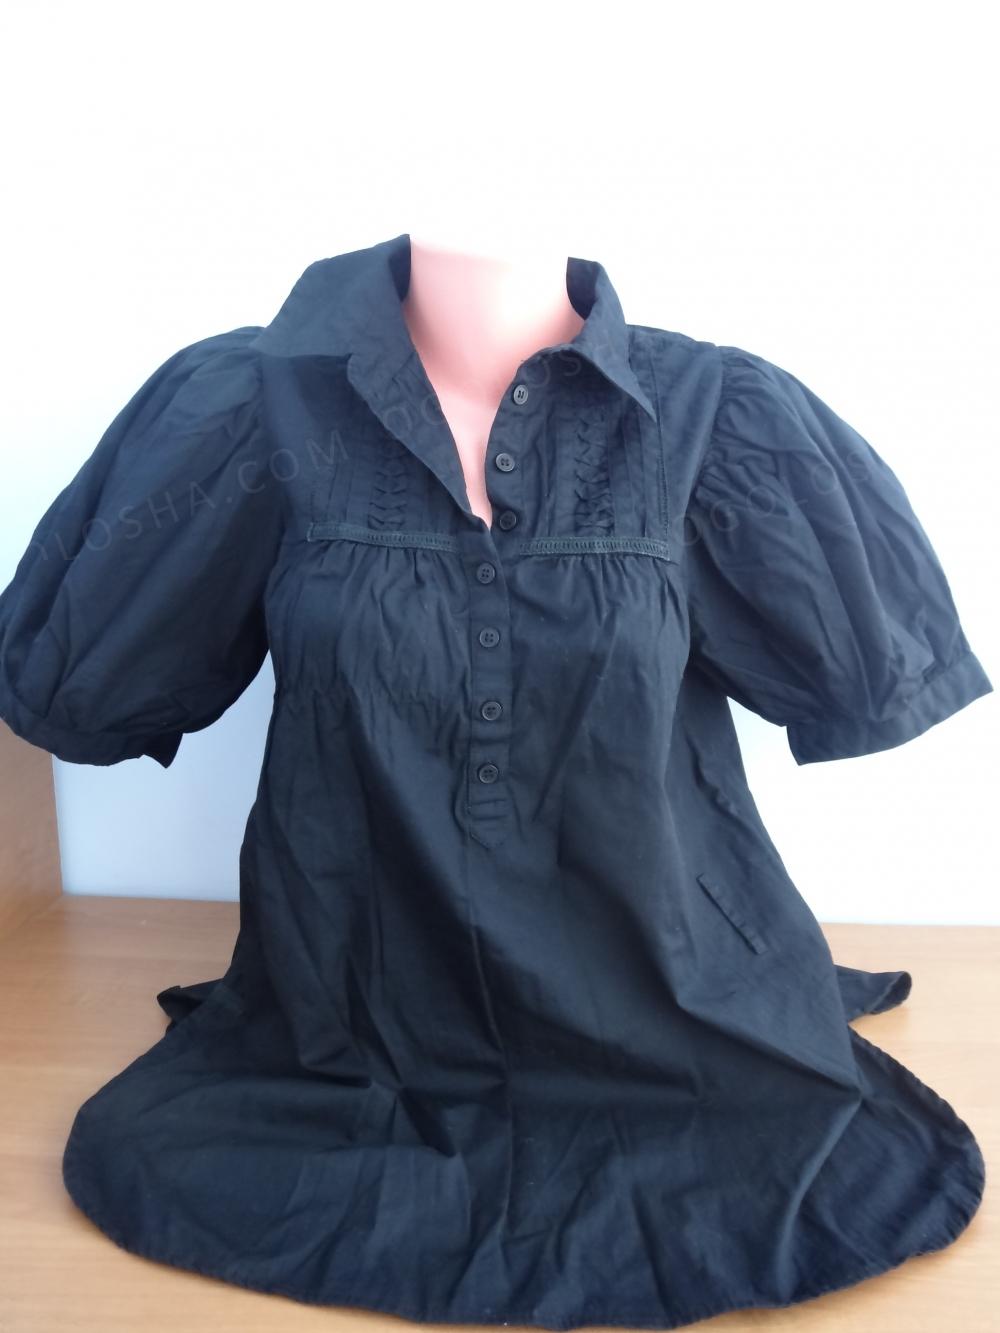 Брендовая шикарная блуза, плотный хлопок, М-ка